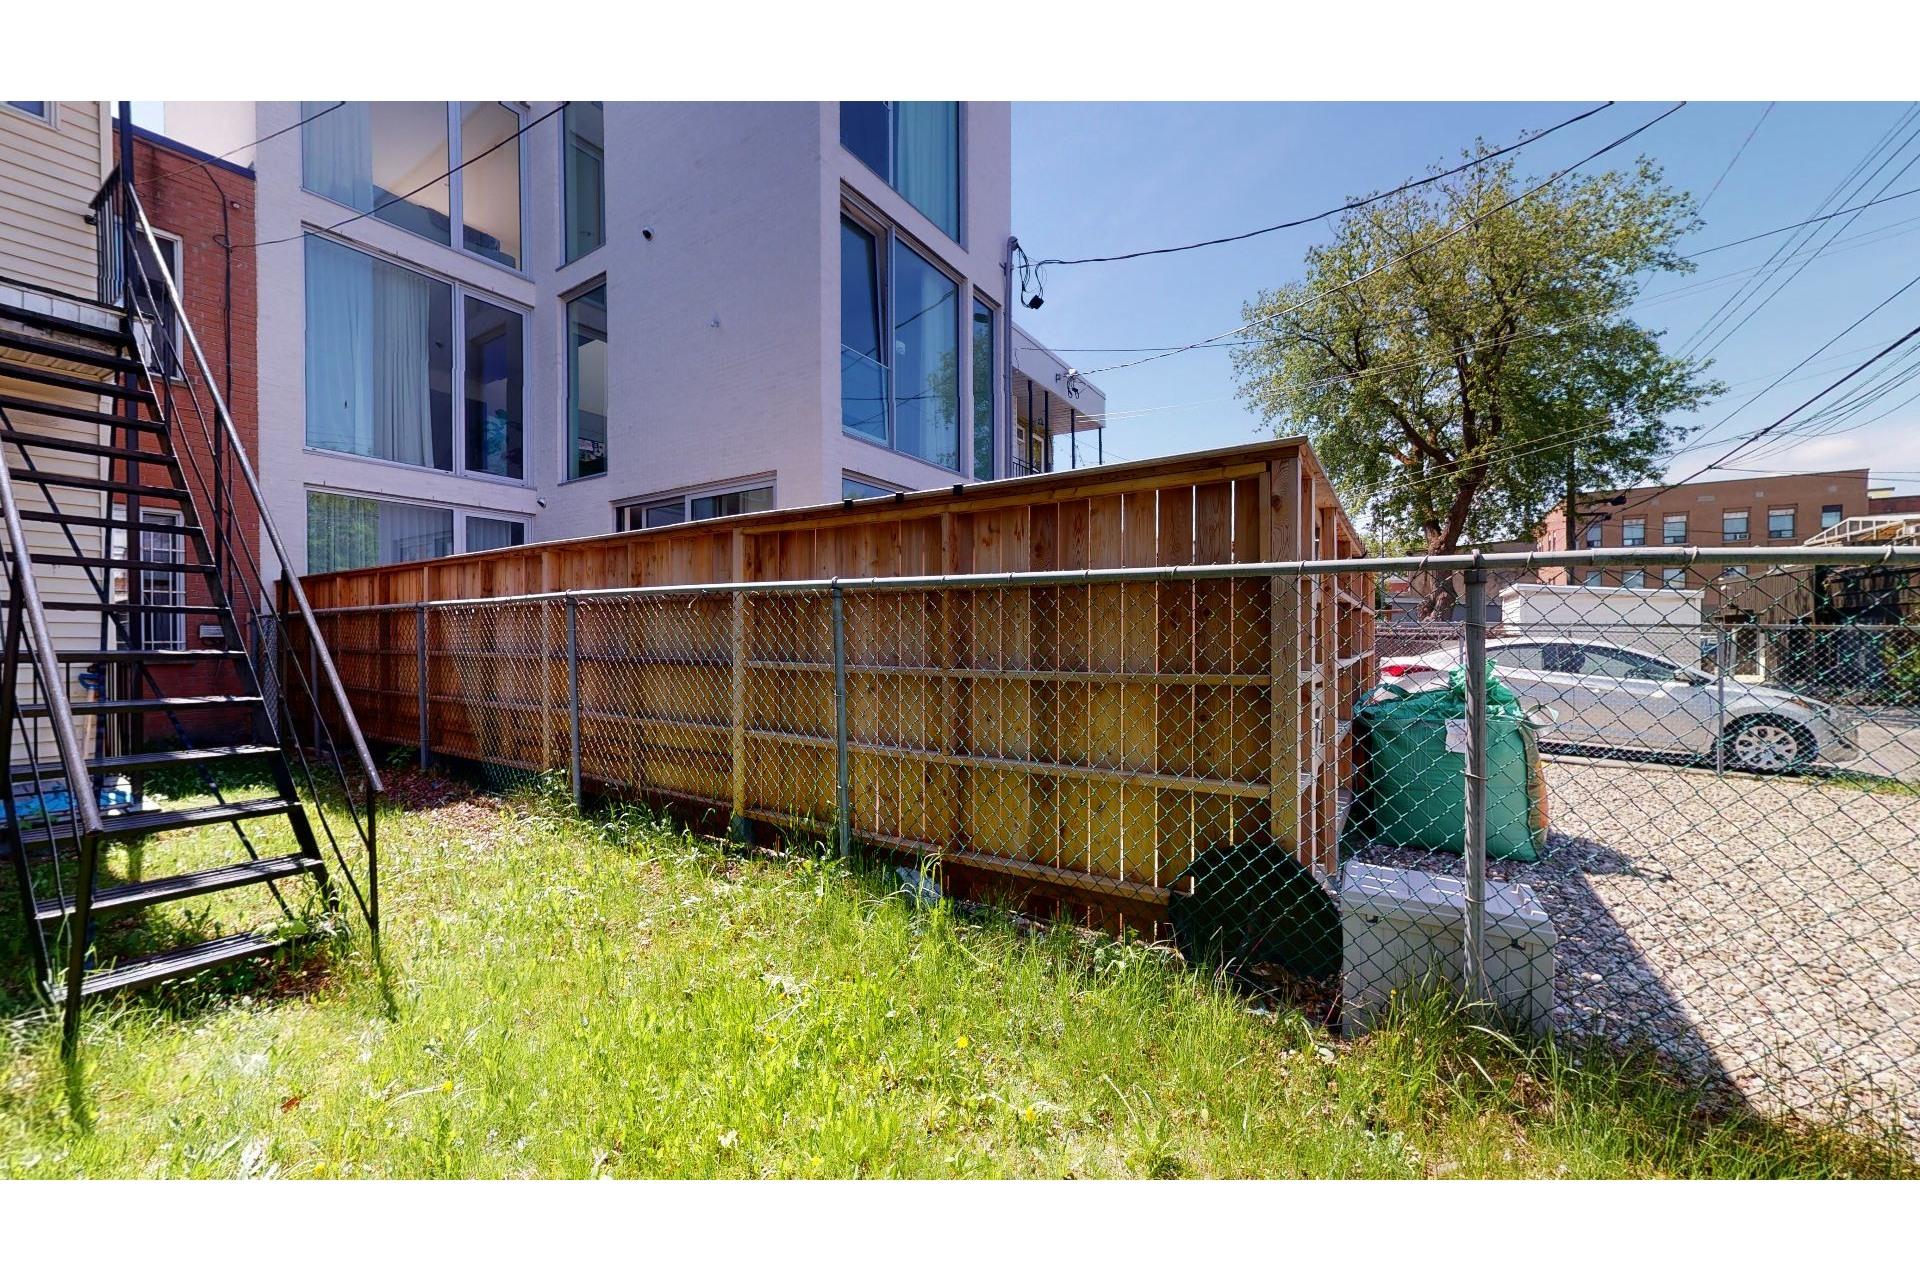 image 4 - Duplex À vendre Rosemont/La Petite-Patrie Montréal  - 7 pièces